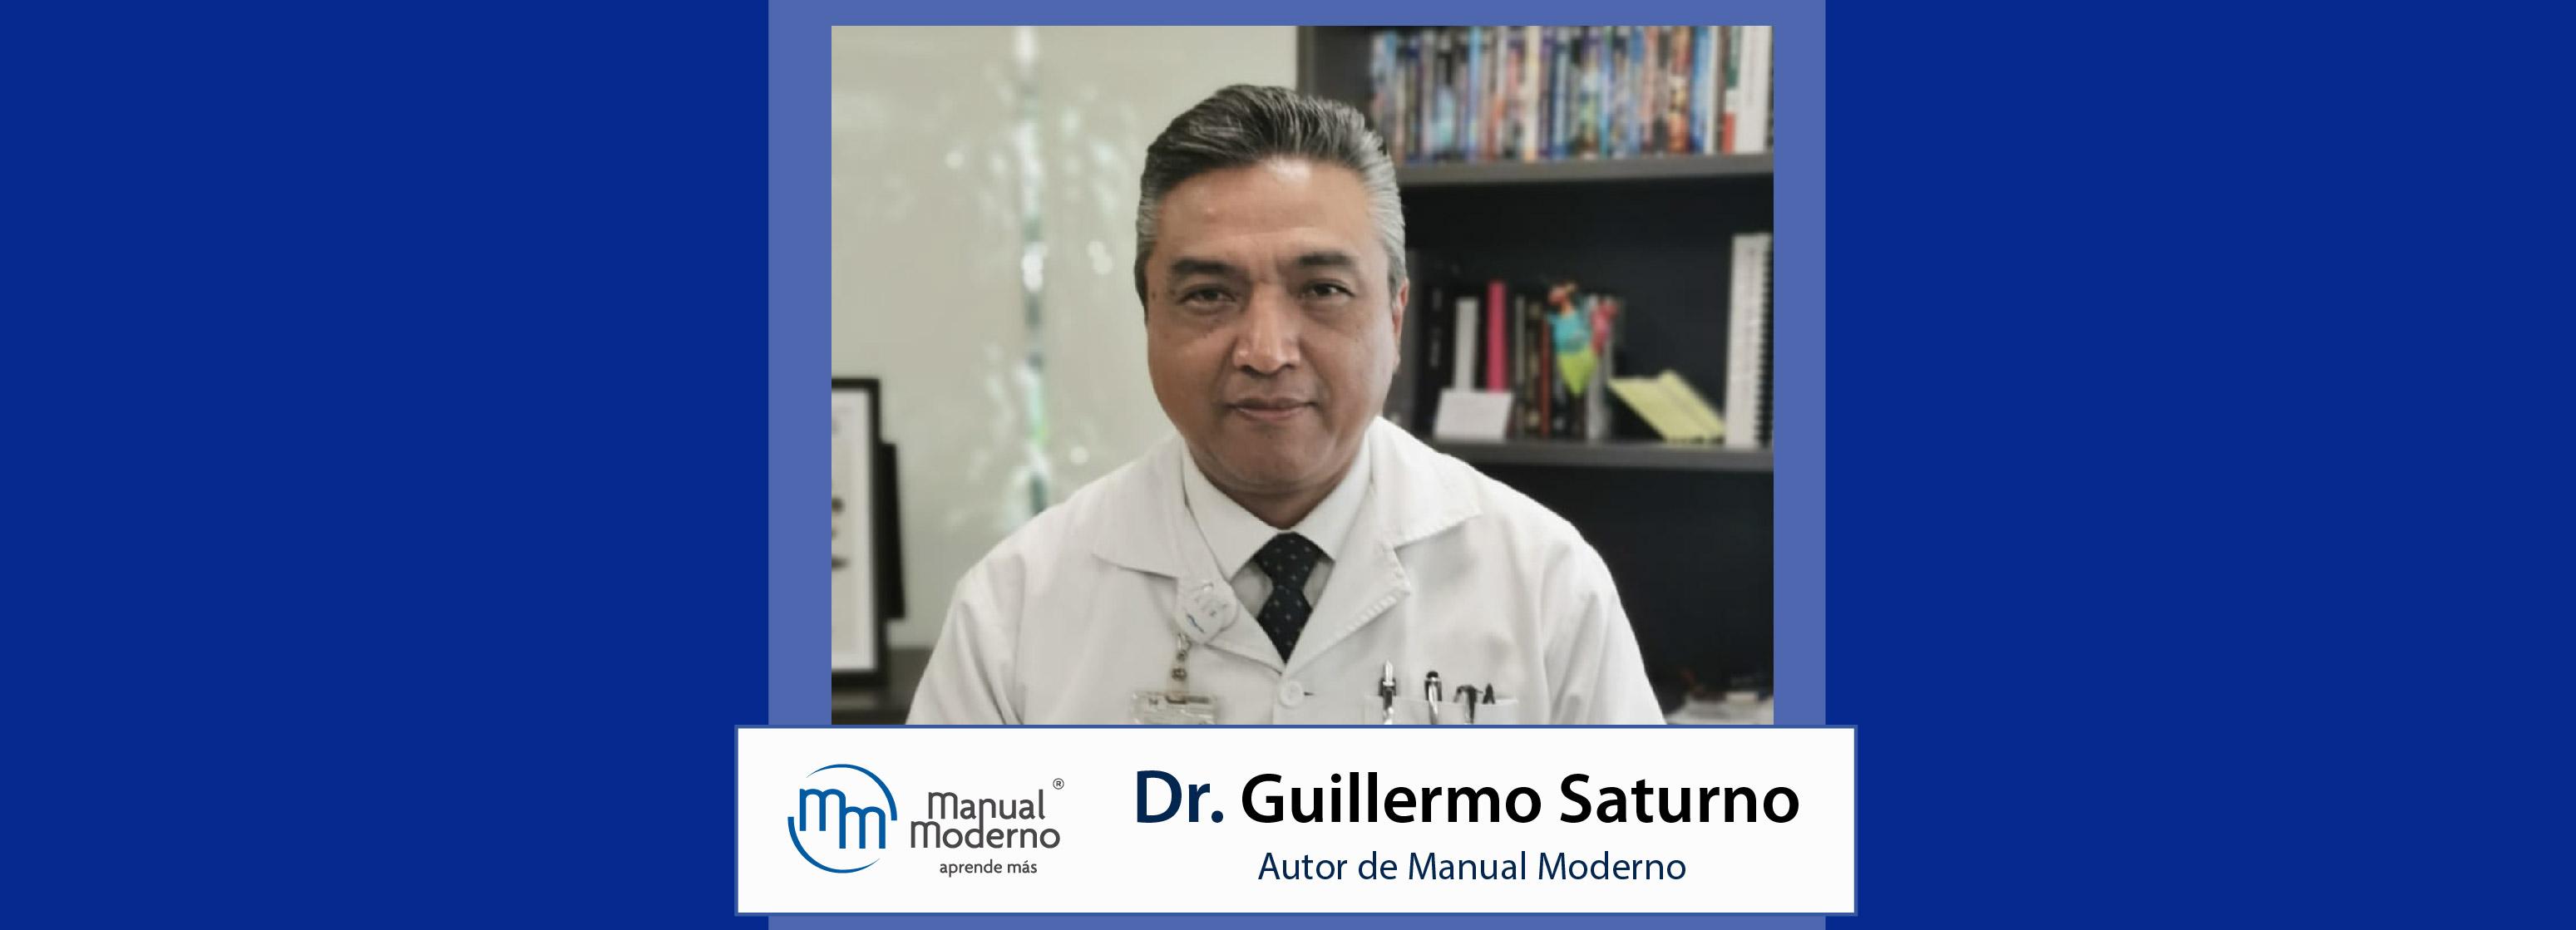 Nuestros Autores. Dr. Guillermo Saturno